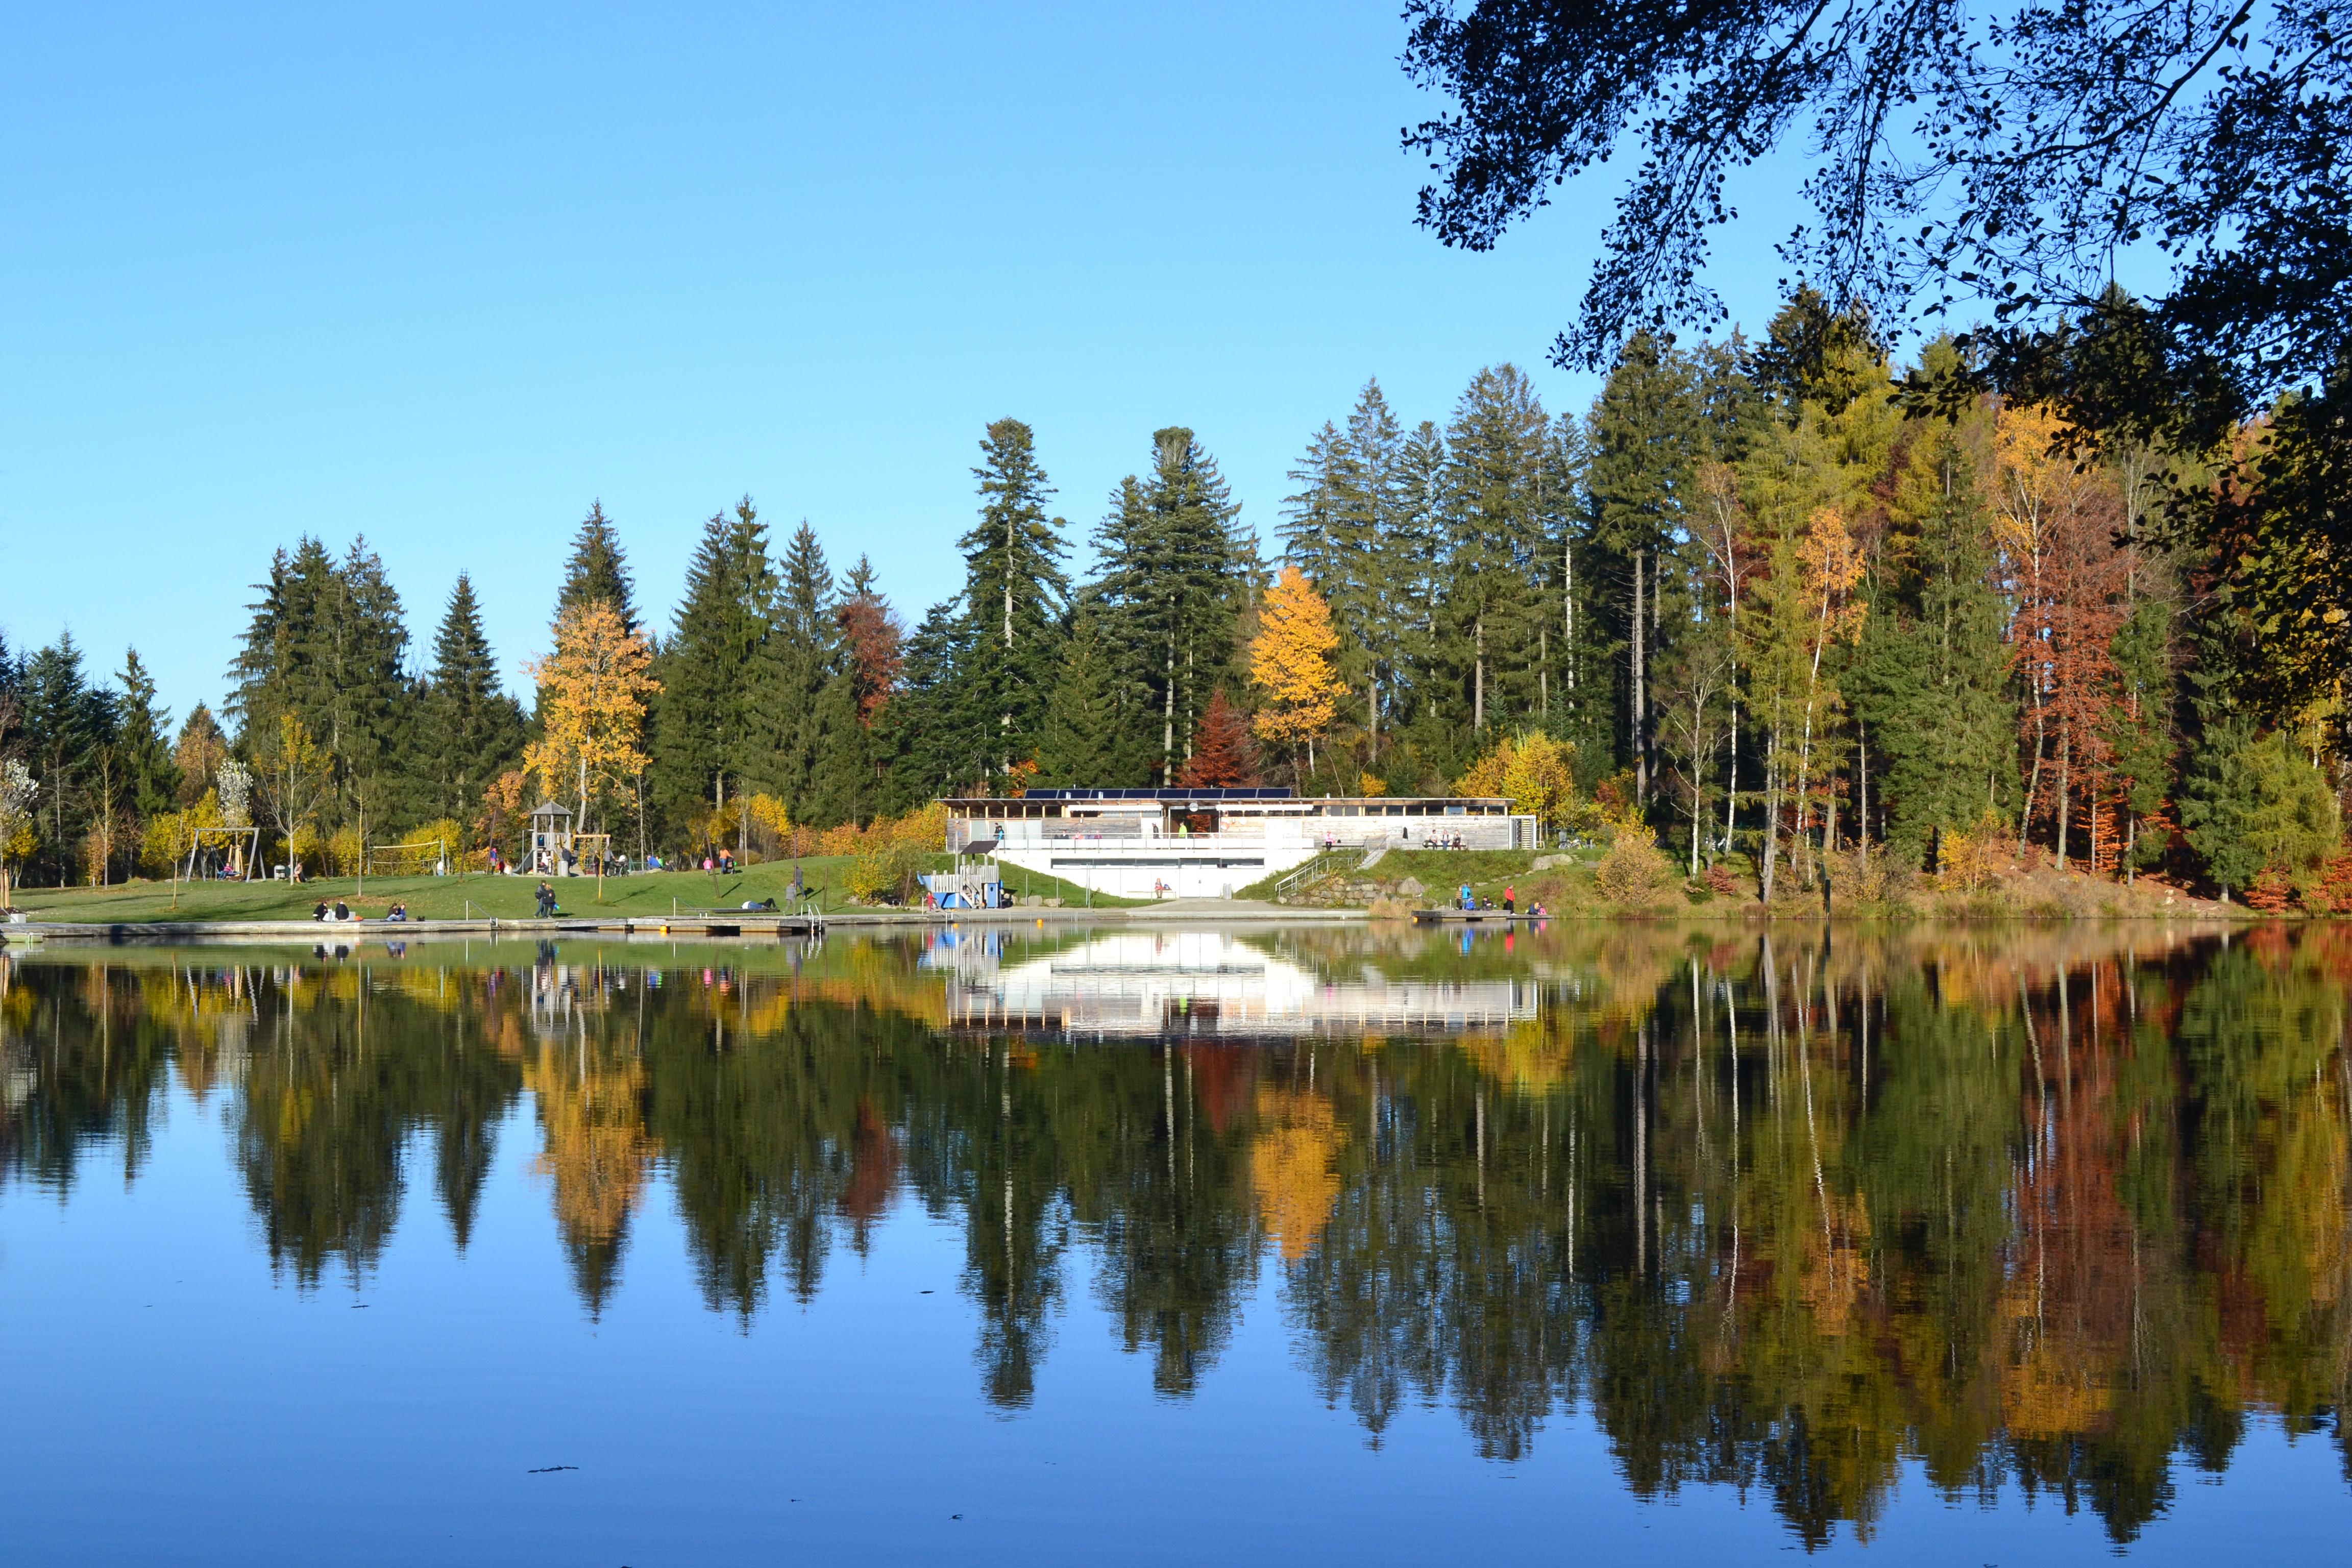 Waldseebad im Herbst